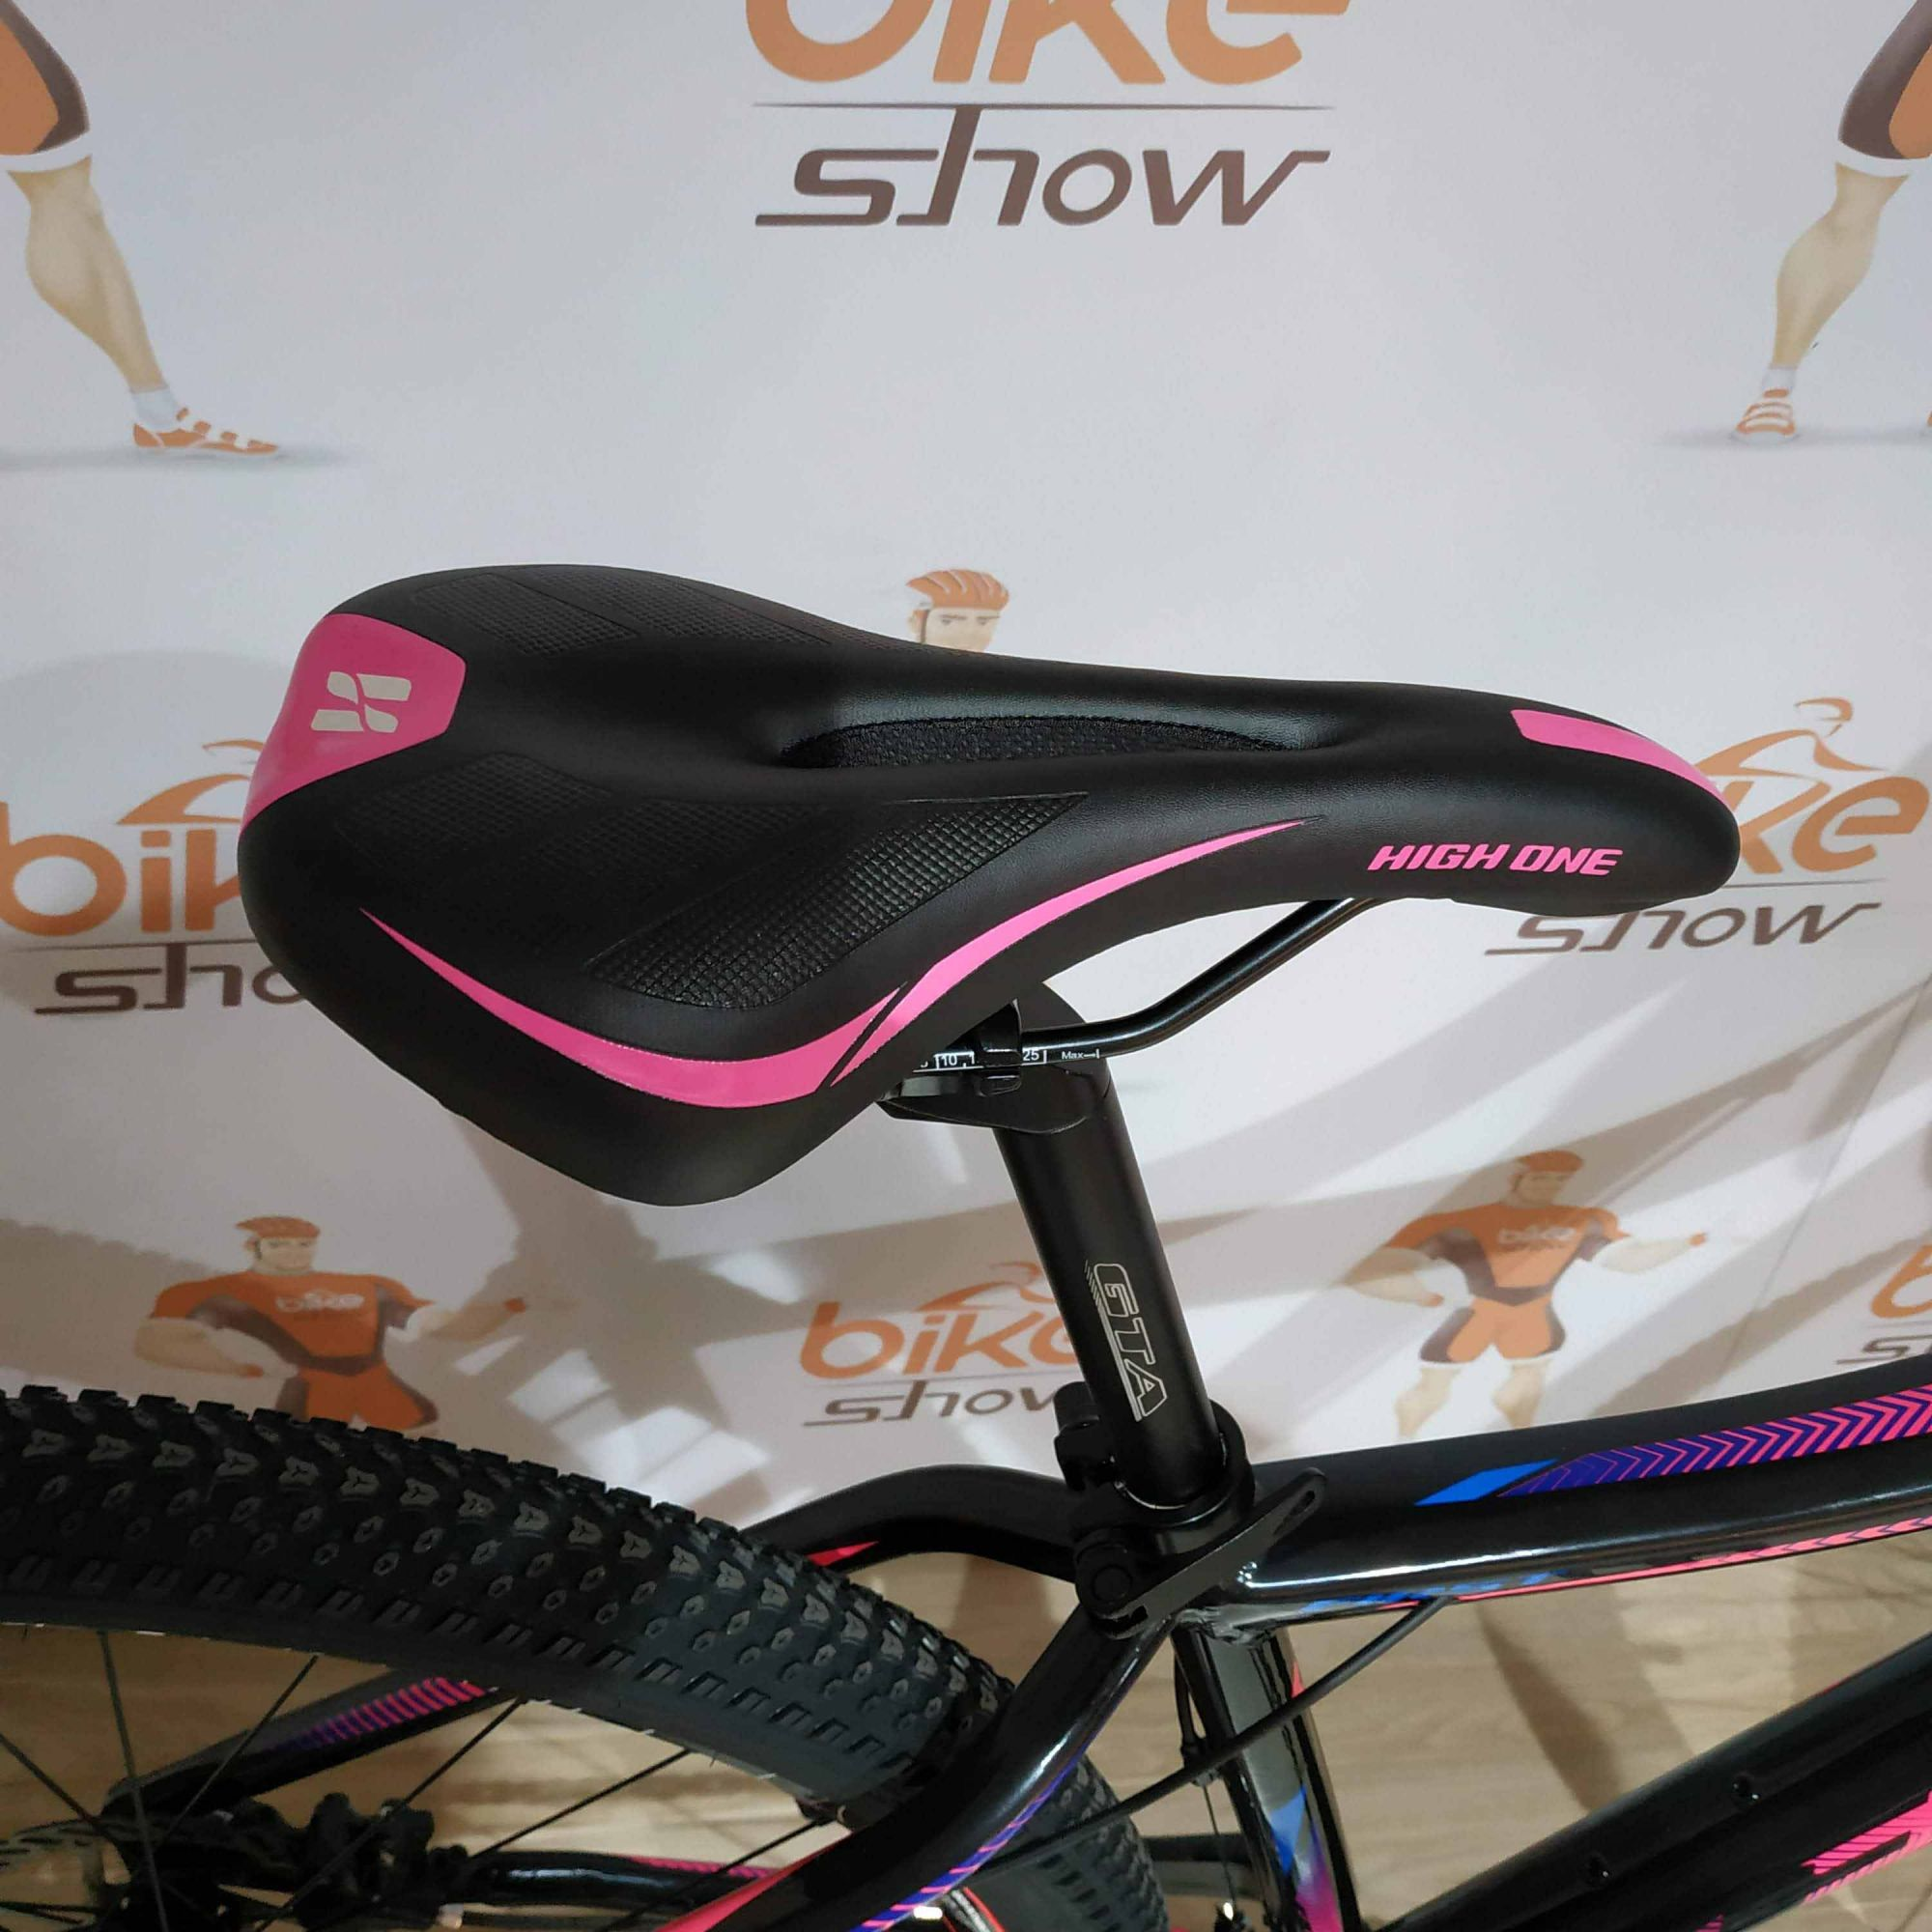 Bicicleta FIRST Smitt aro 29 - 16v Shimano Altus - Suspensão Trust toda em alumínio com trava no ombro